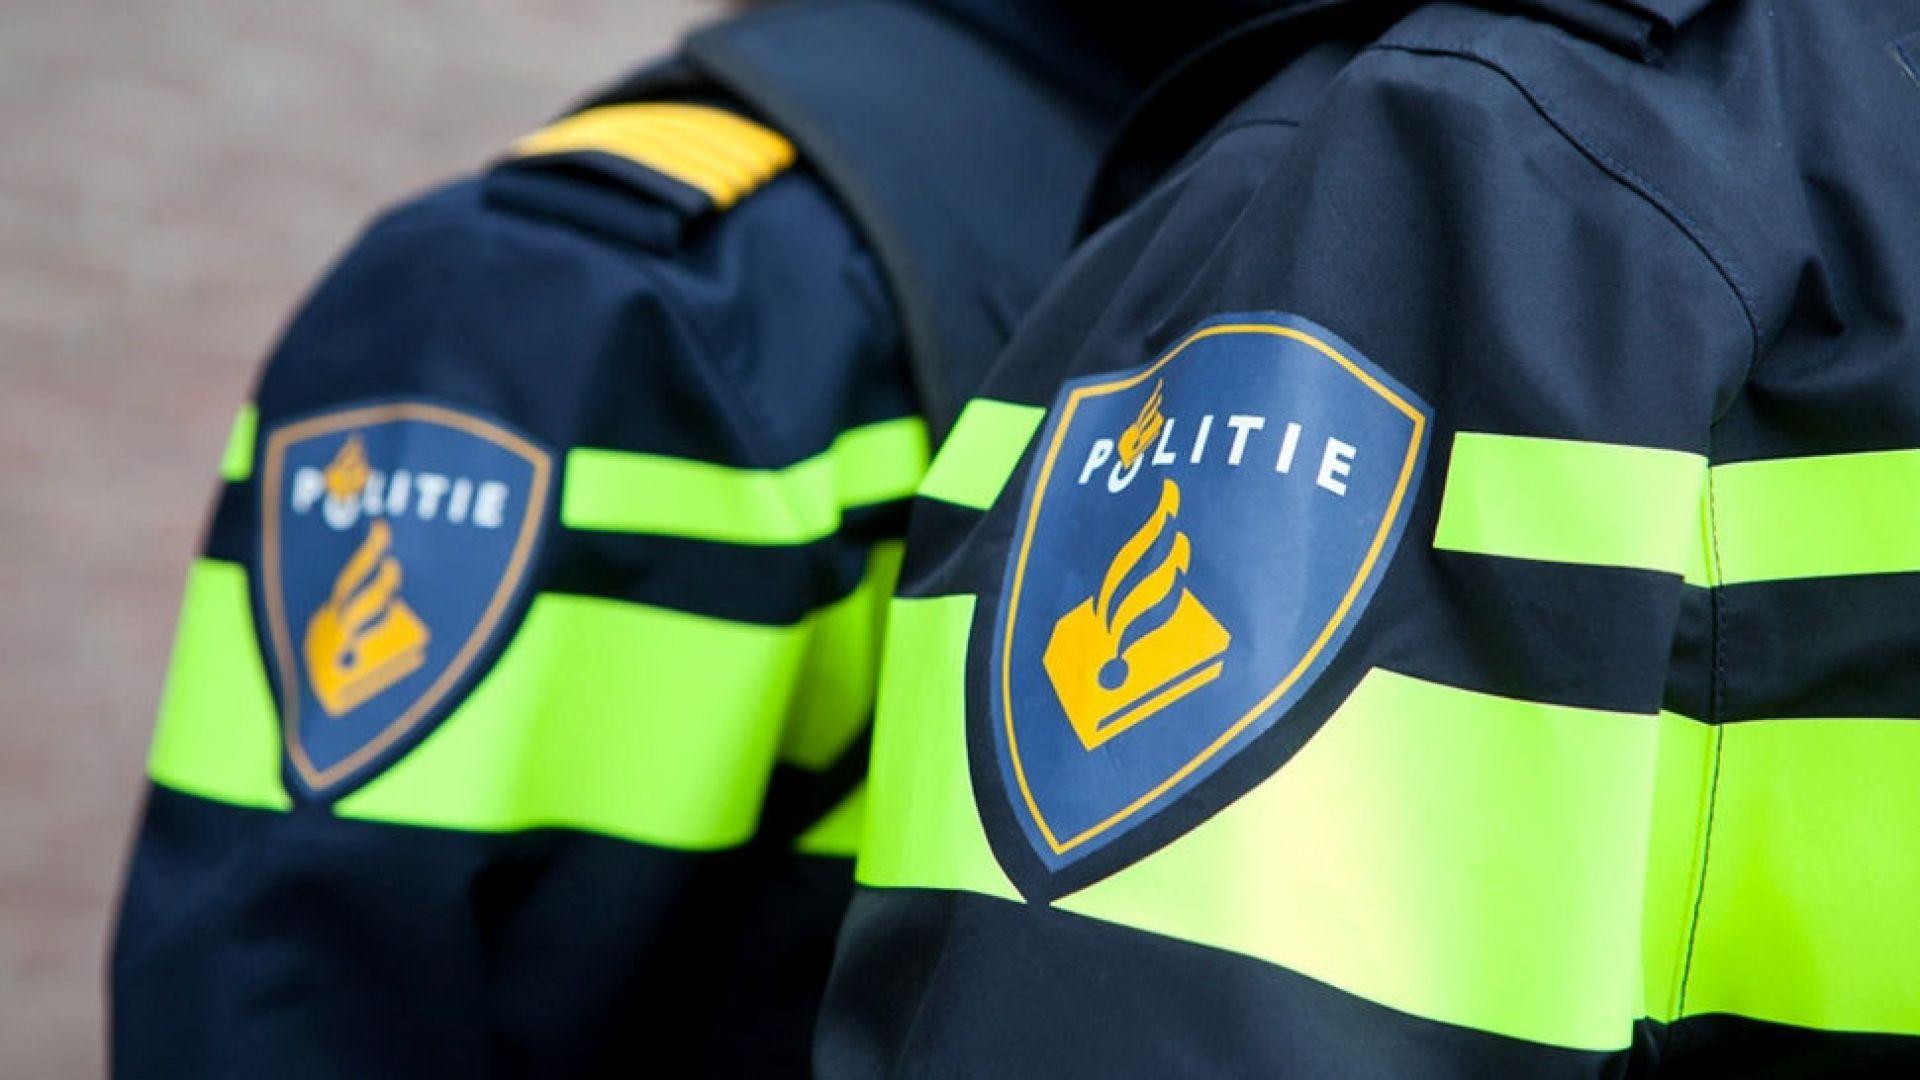 Update: Melding over oplichter in buitengebied Delden blijkt misverstand